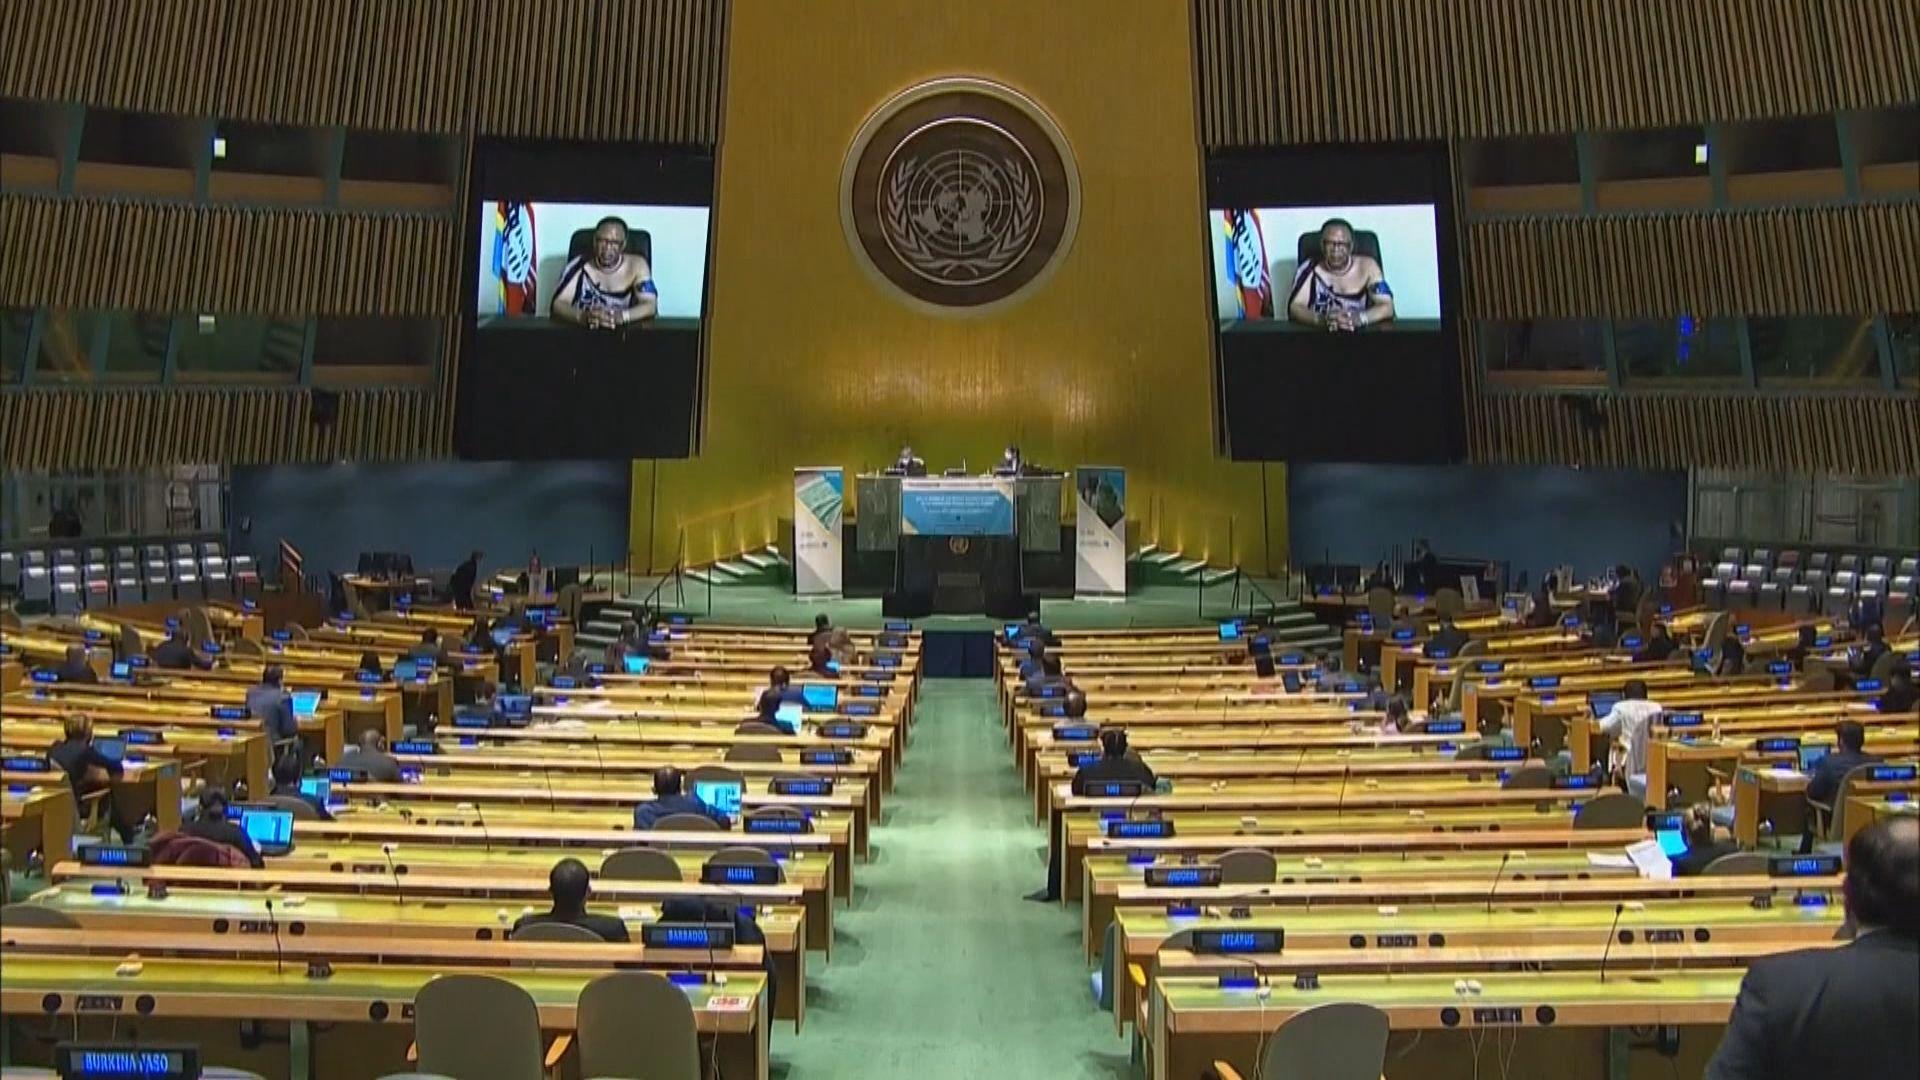 聯合國秘書長批部分國家疫情爆發初期無視或拒絕世衛建議